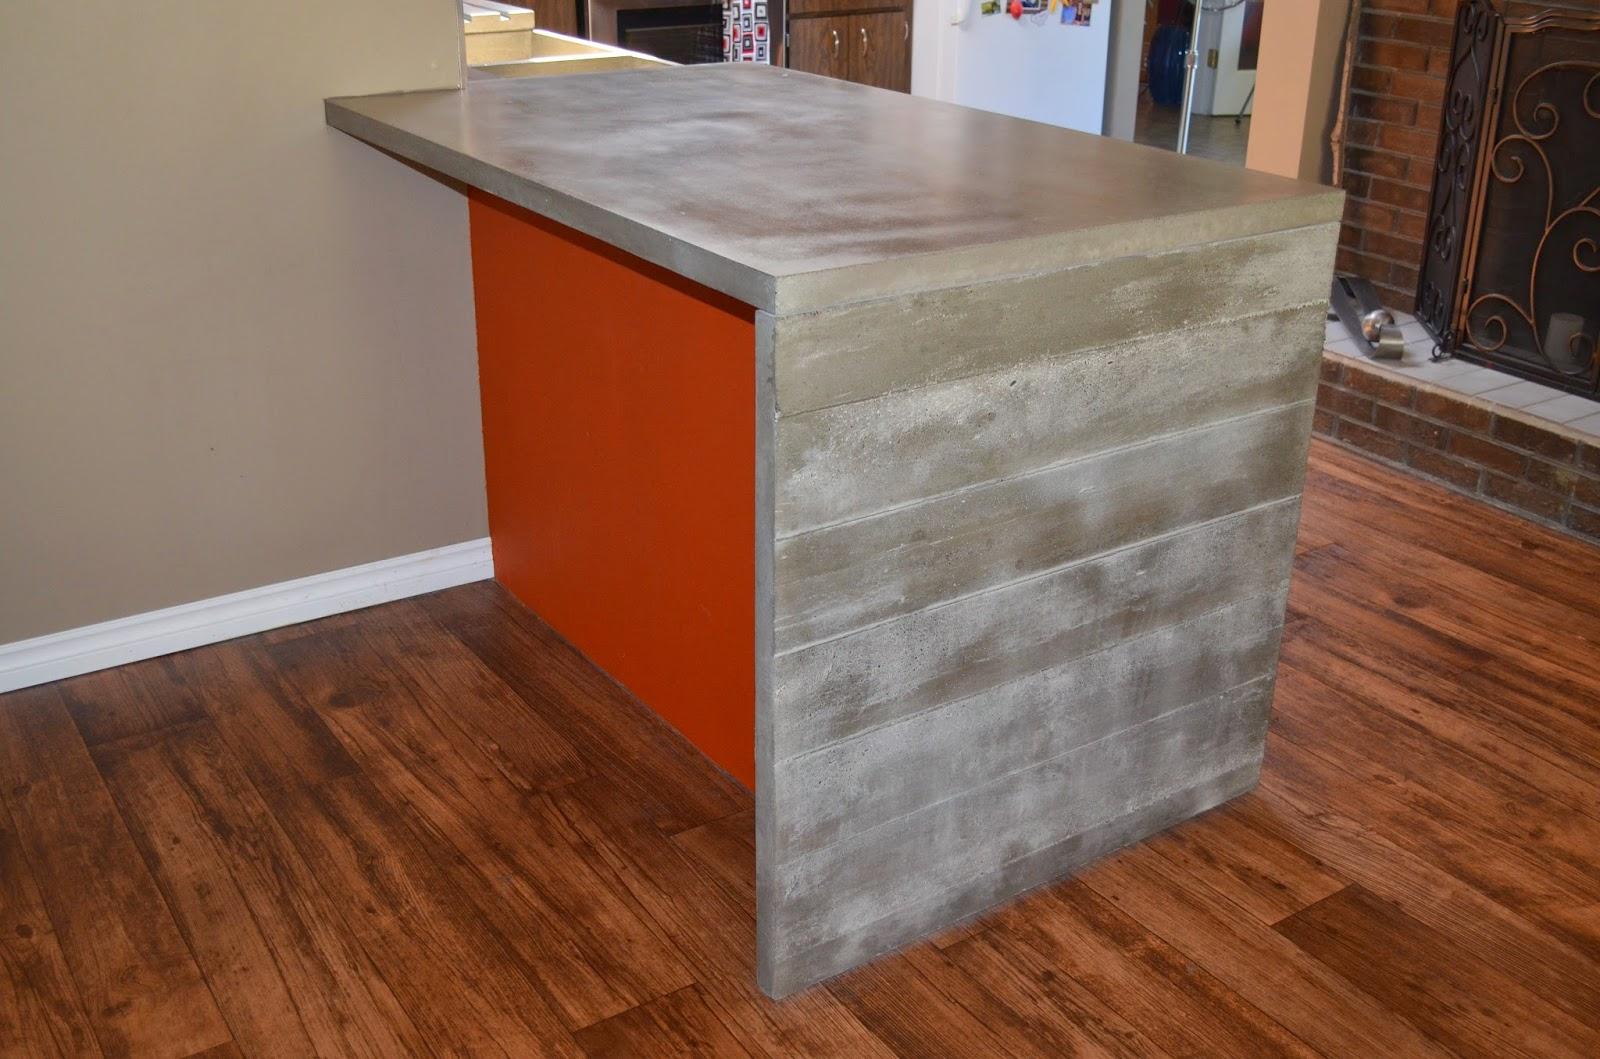 mode concrete. Black Bedroom Furniture Sets. Home Design Ideas